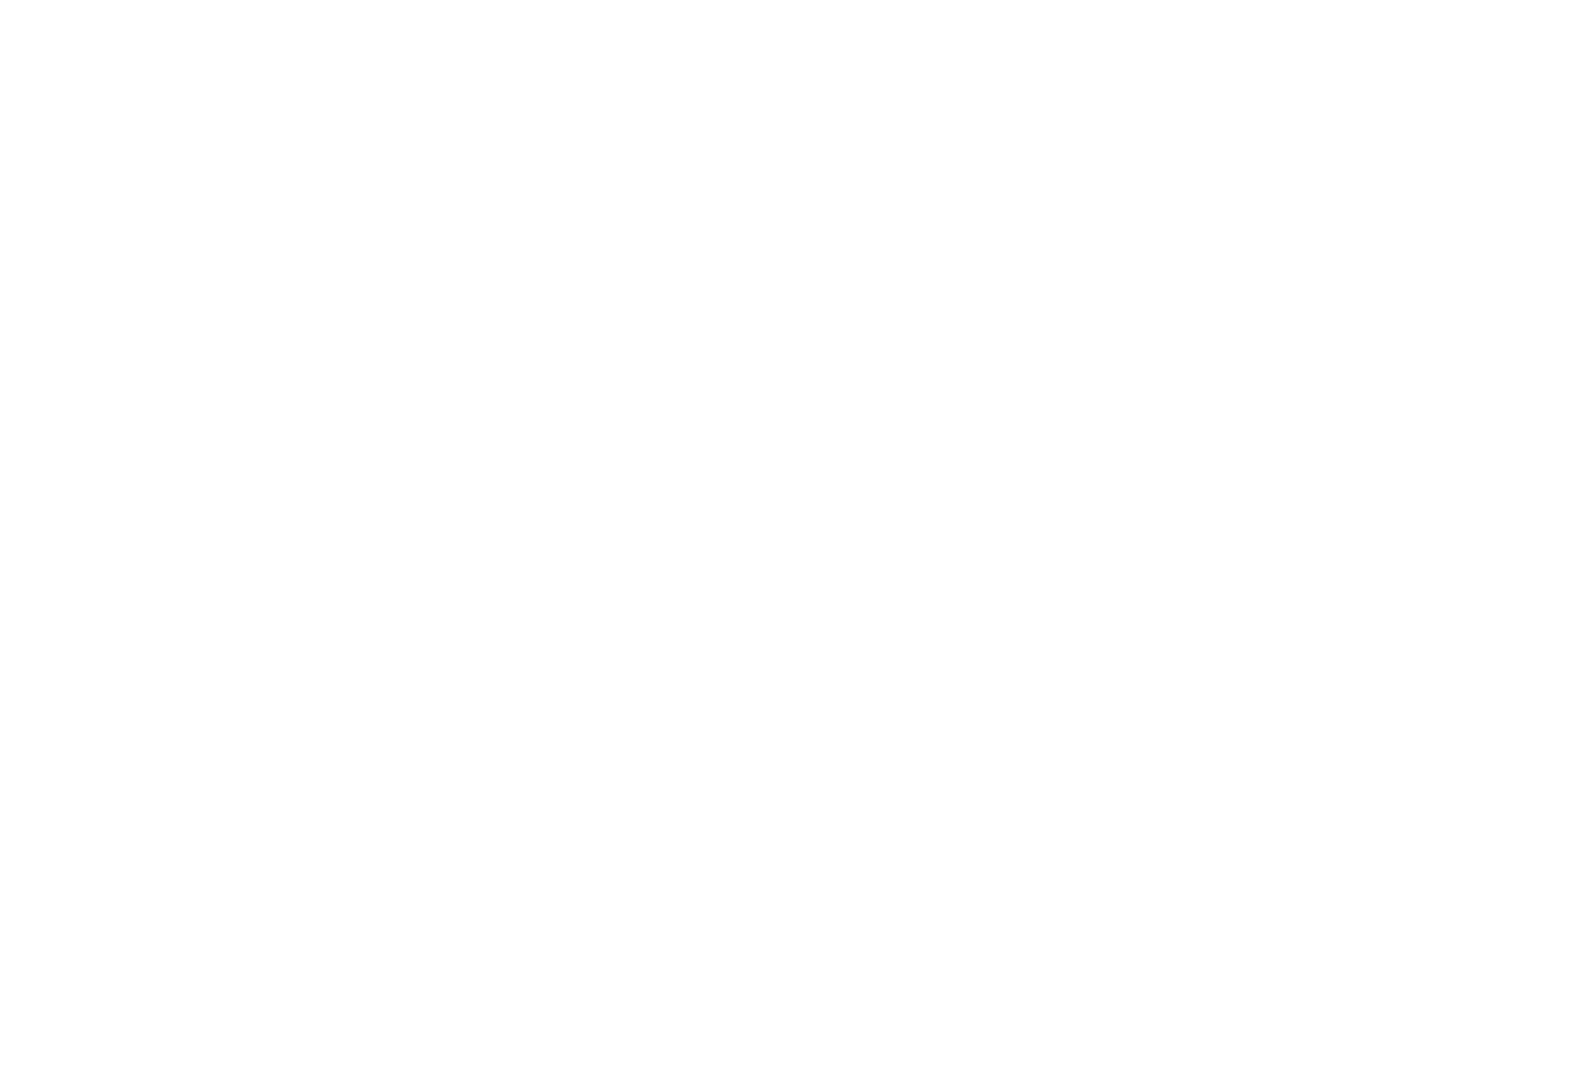 polu white logo.png